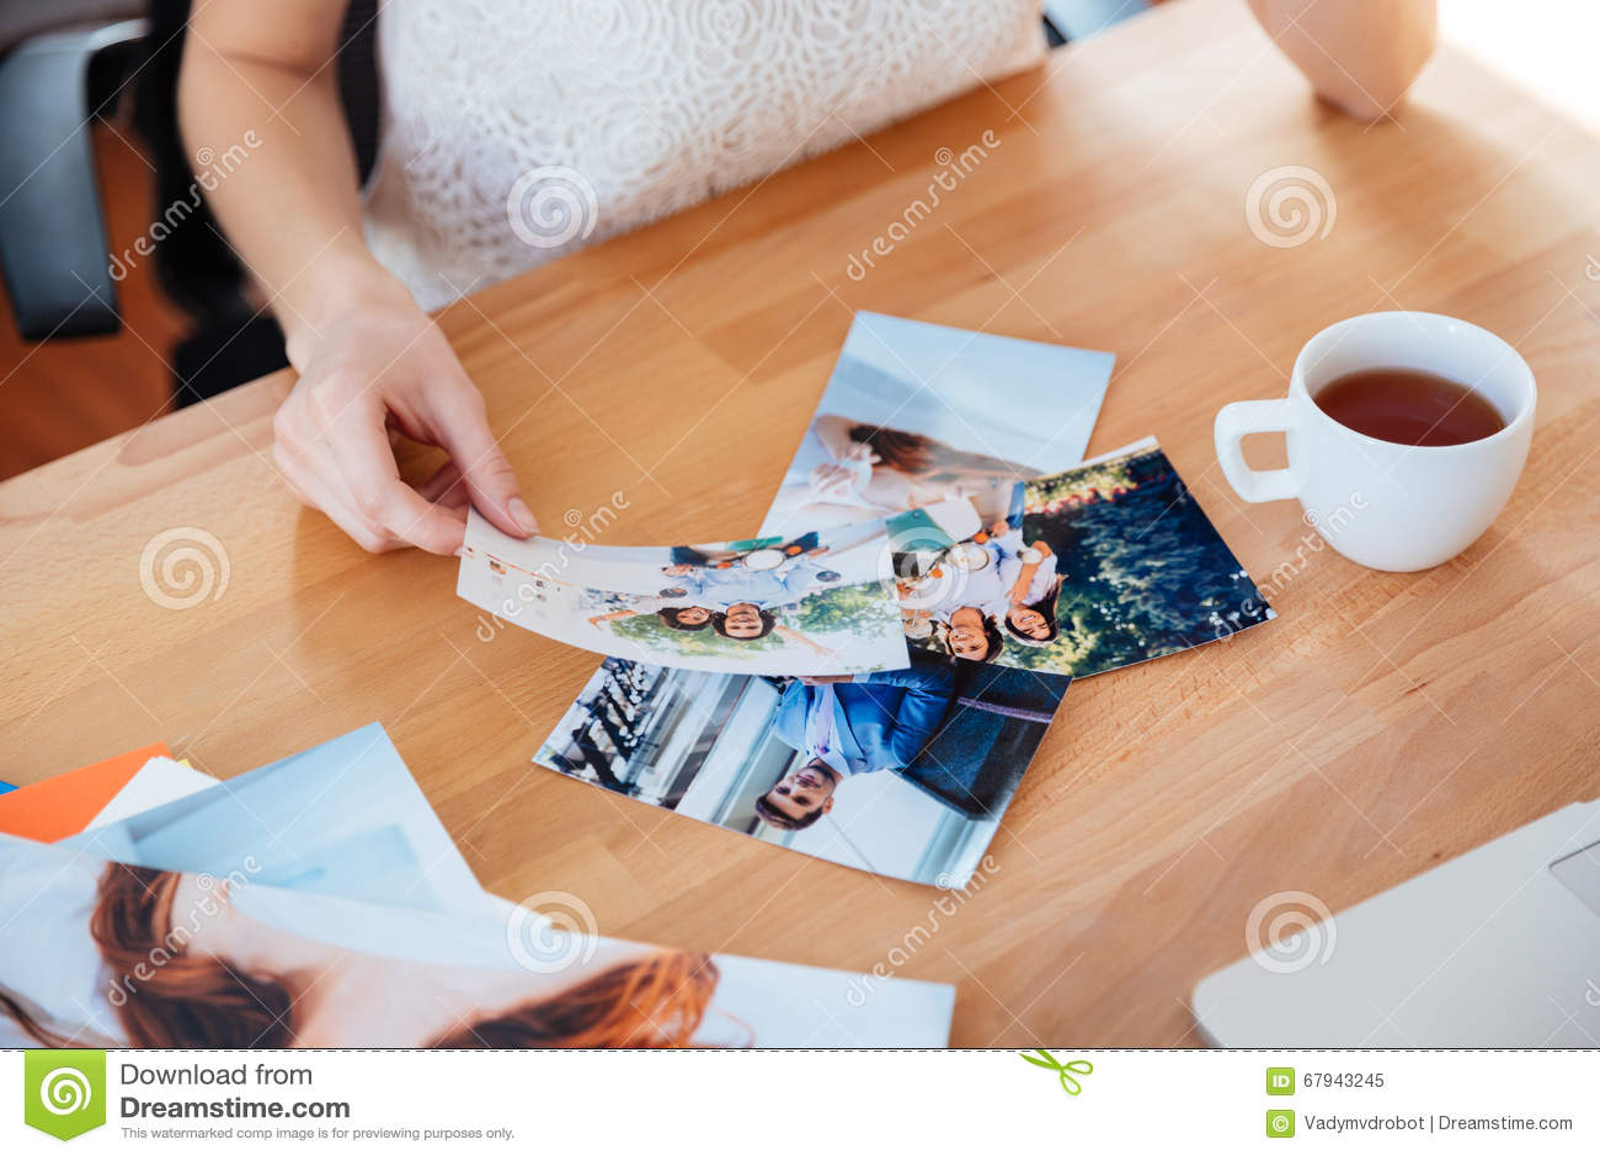 少妇摄影师饮用的茶和选择照片表